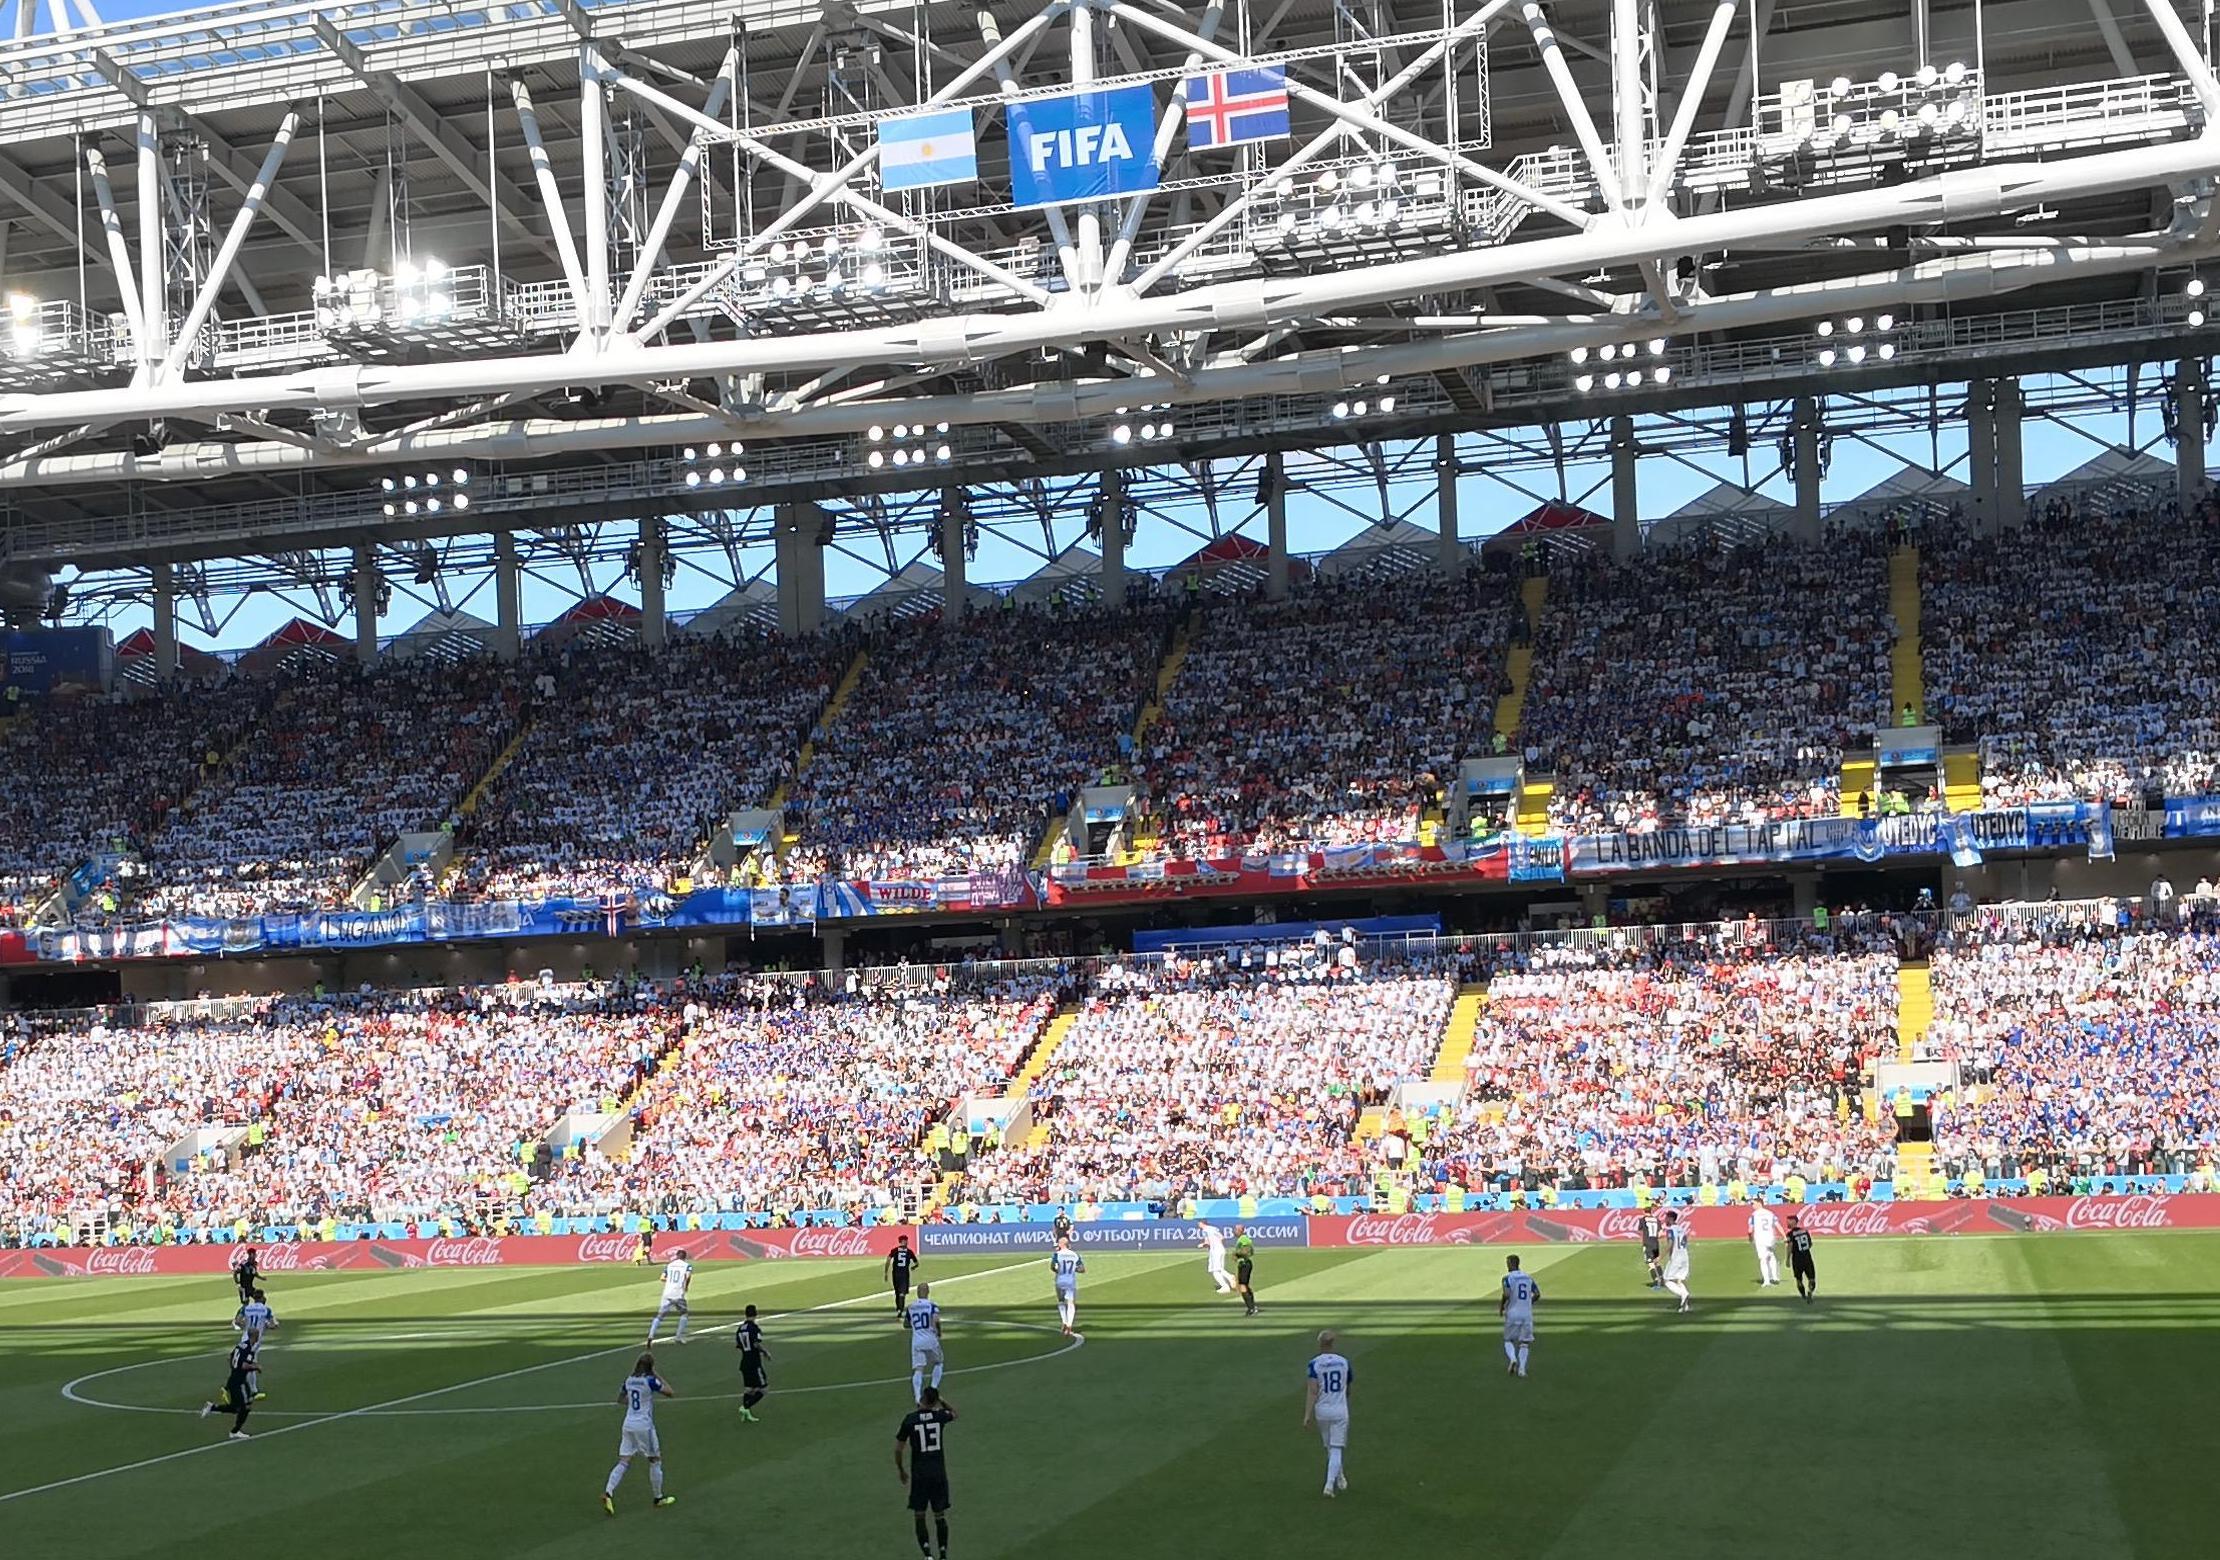 九游会体育-卡塔尔世界杯门票价格及球票预定